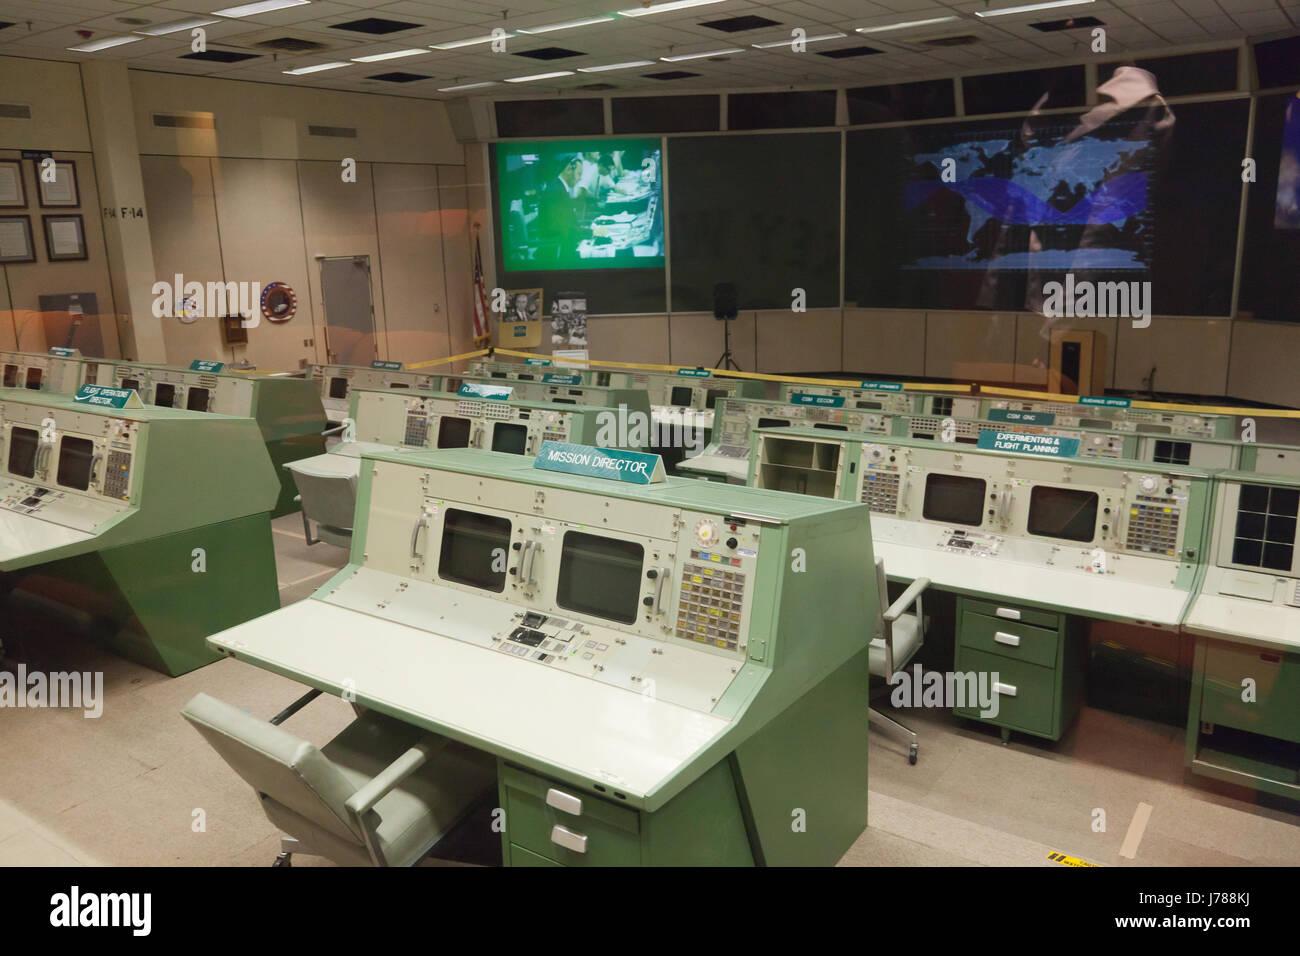 johnson space center apollo 13 - photo #7